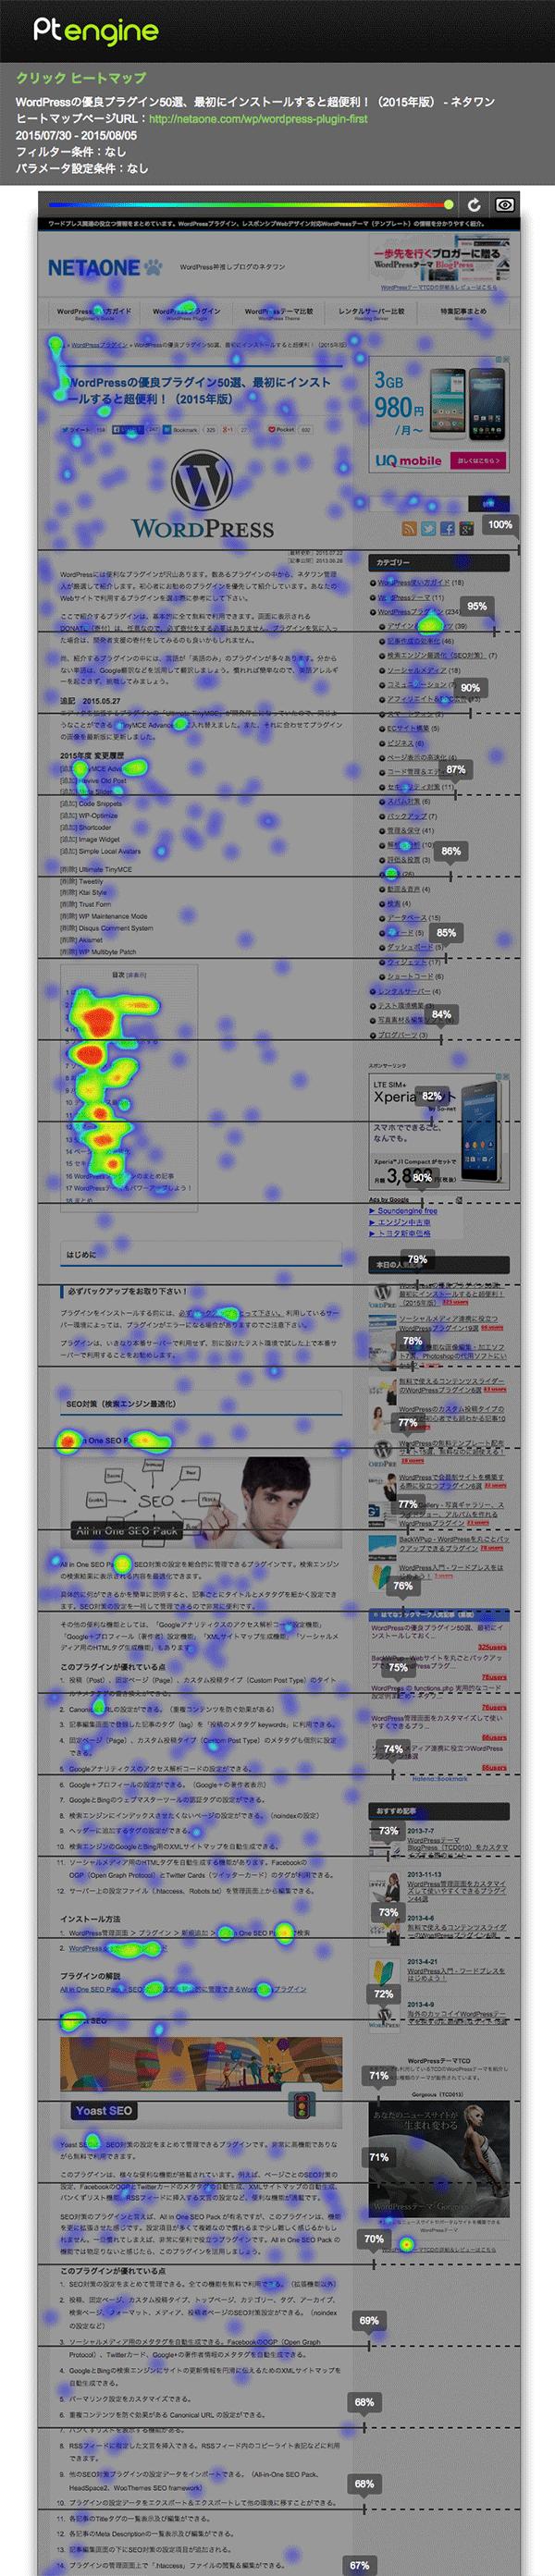 ヒートマップ解析画面